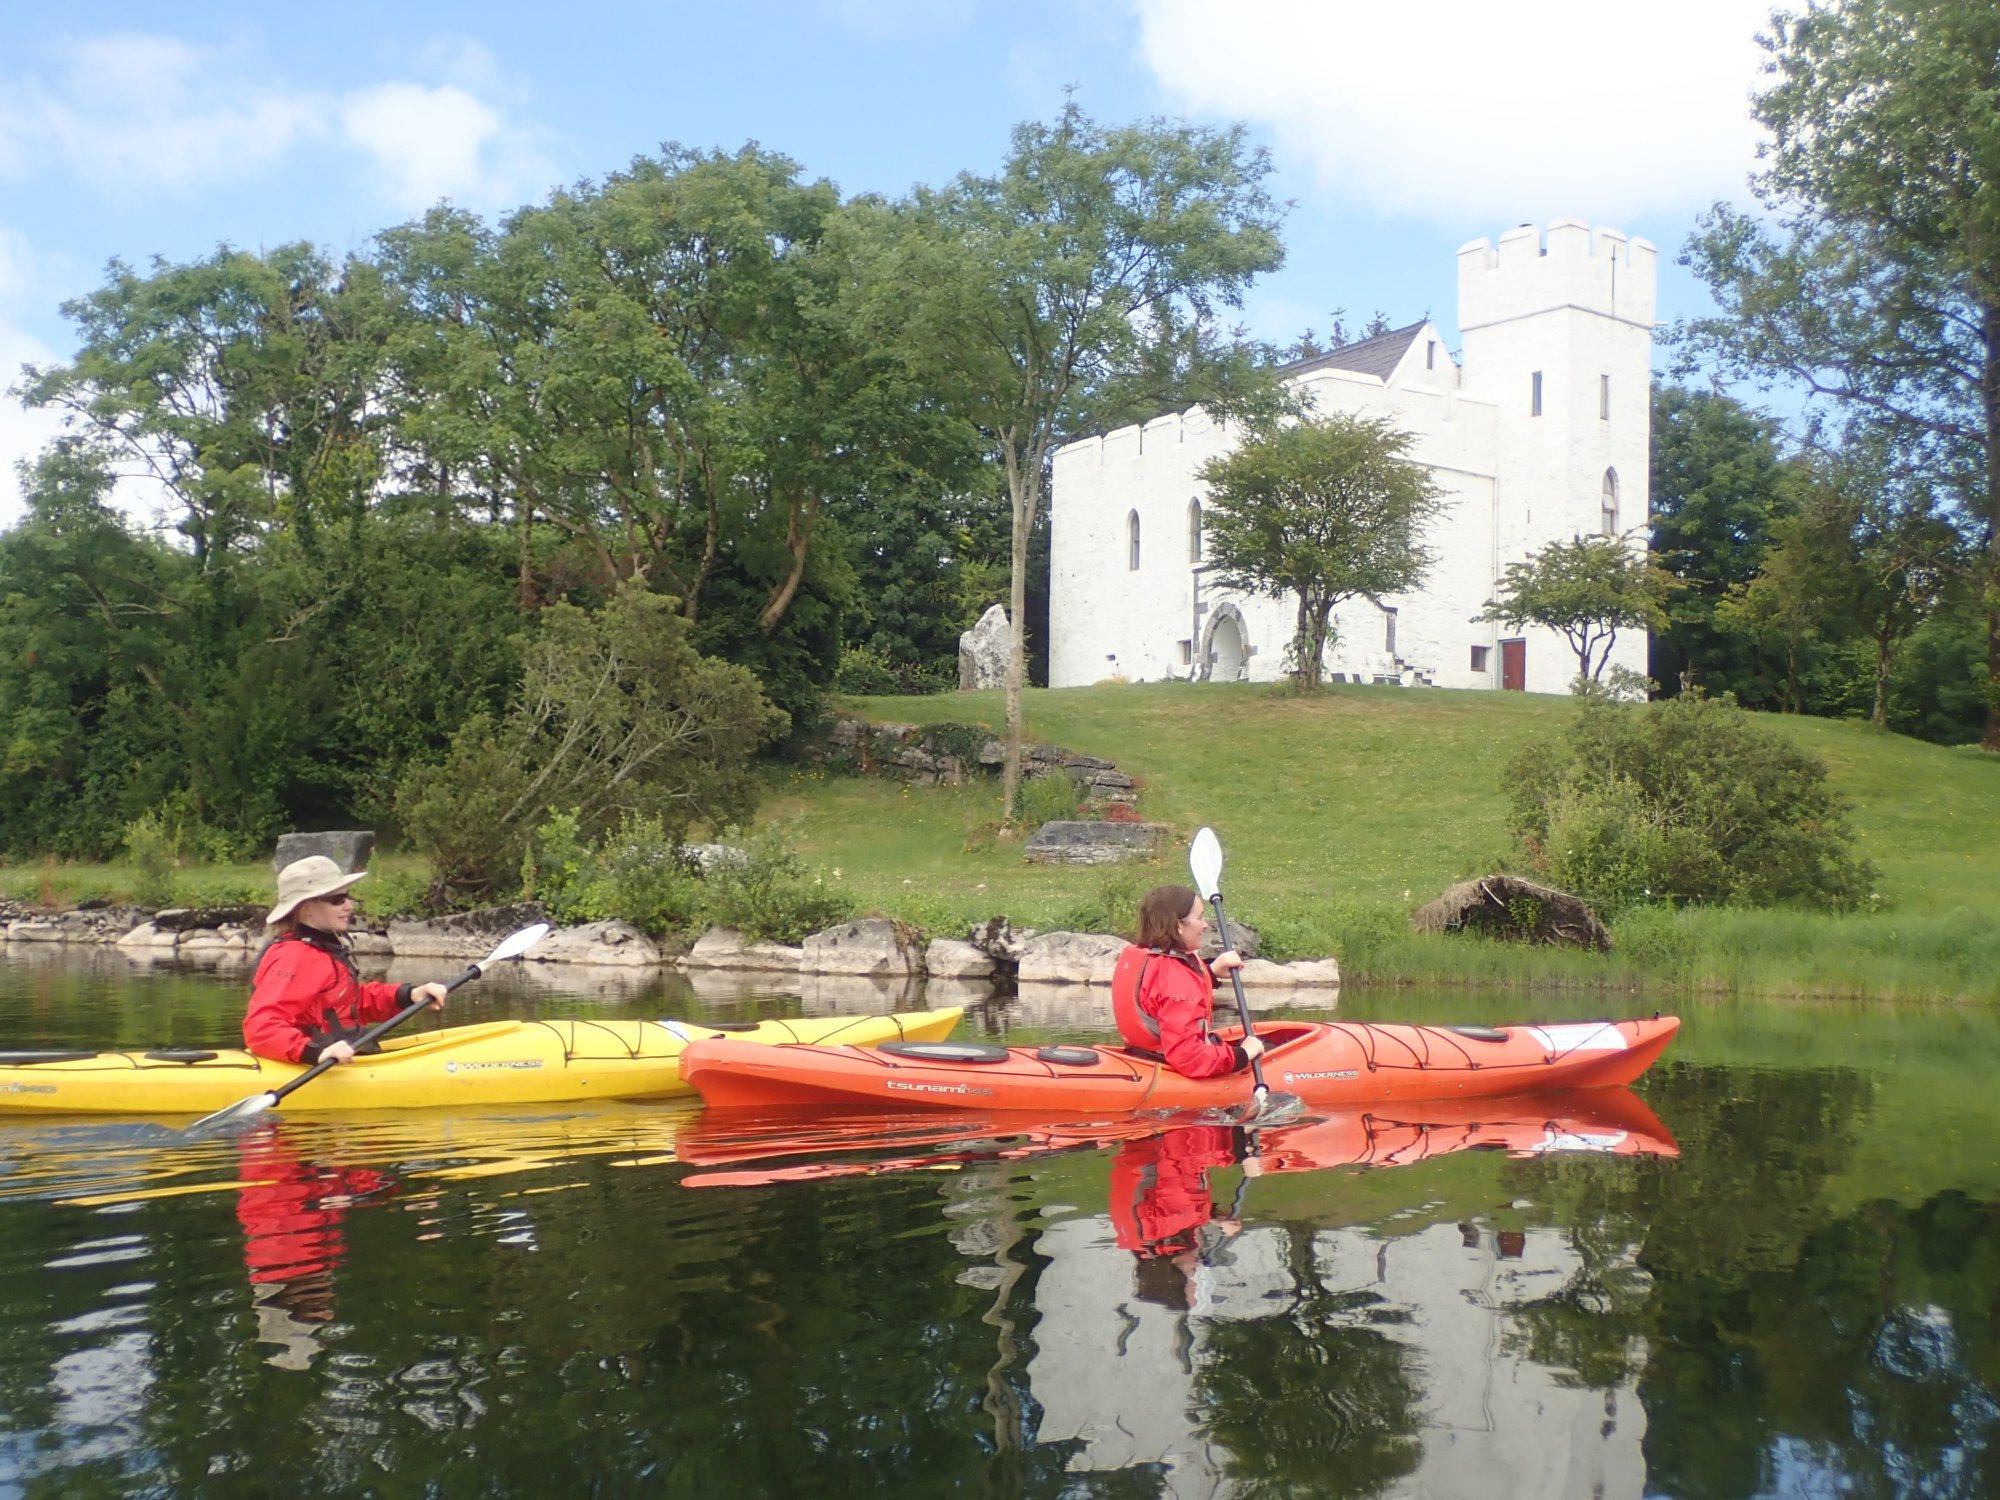 Kayakmor Kayaking Activity in Galway - Visit Galway